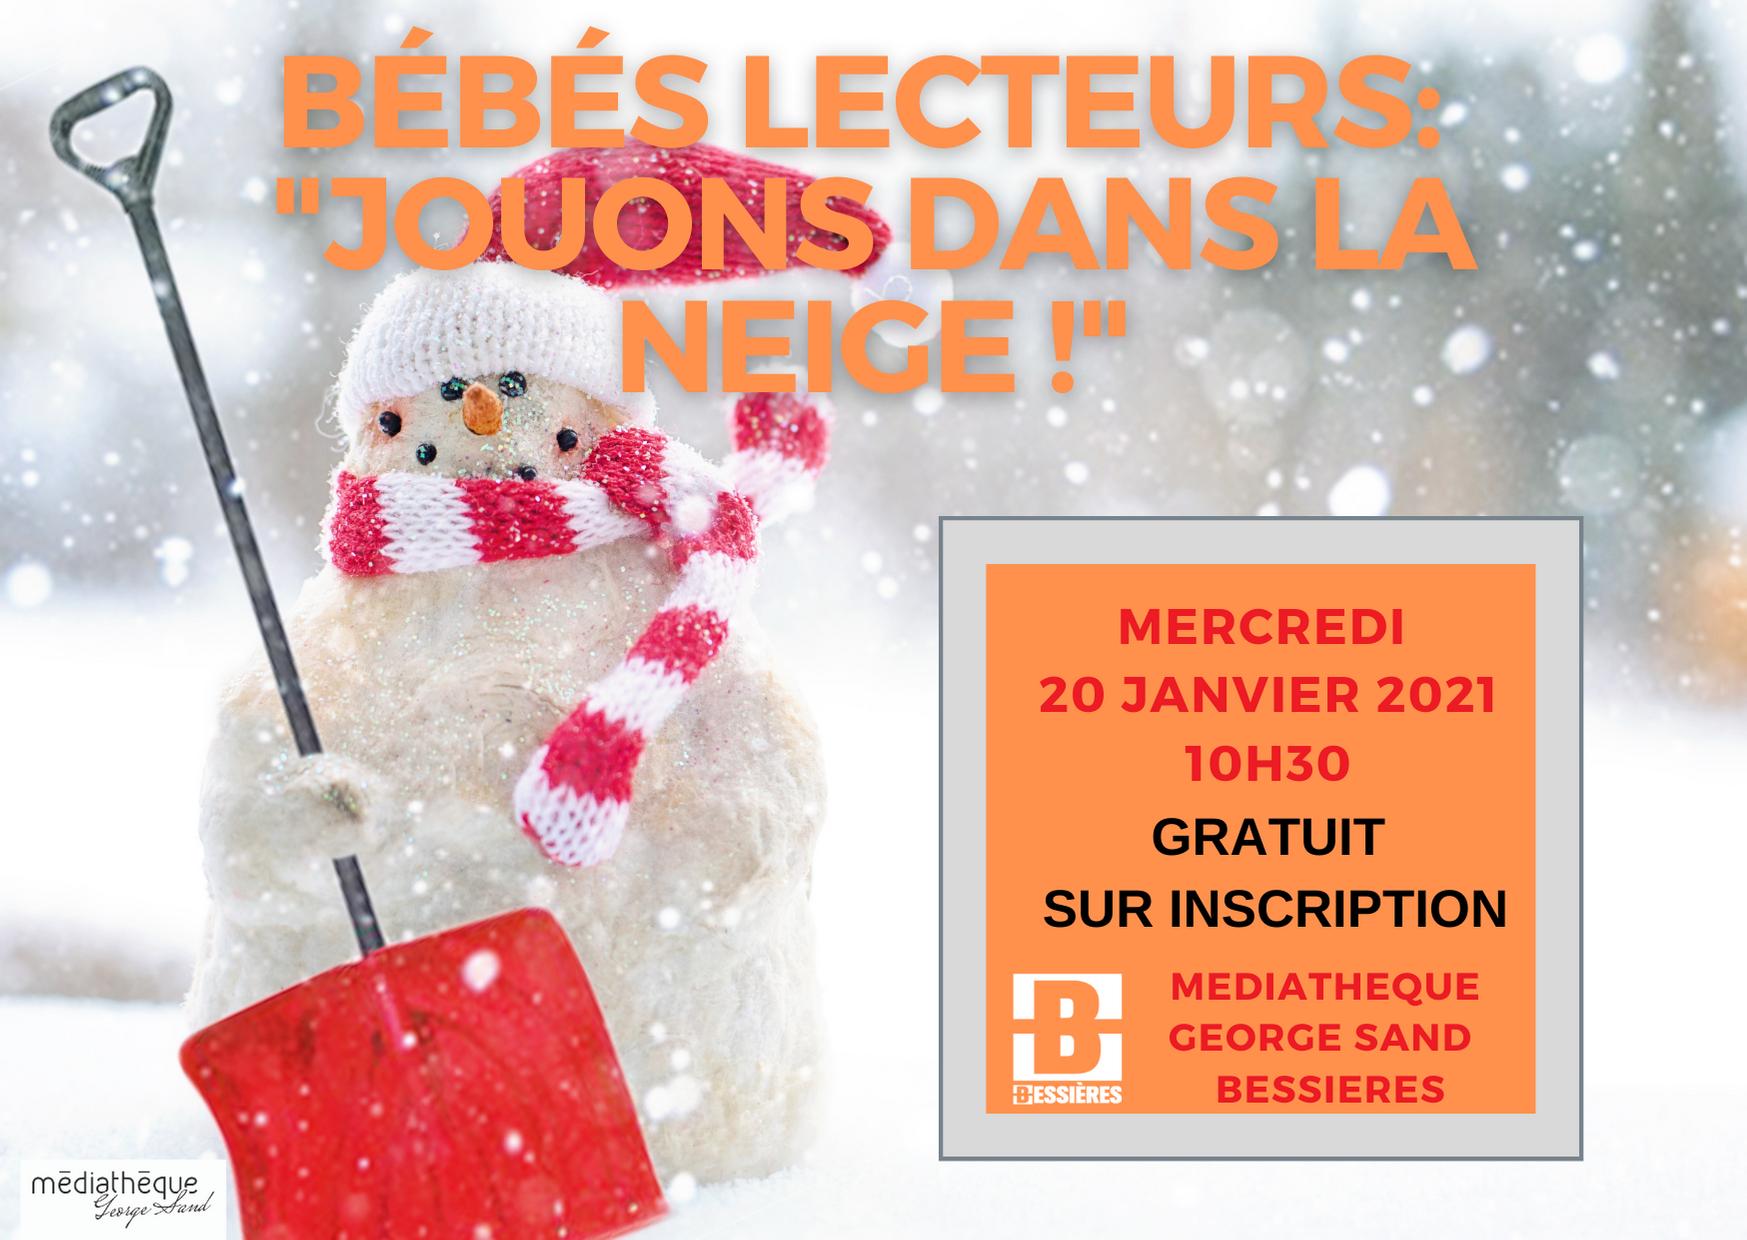 Bébés lecteurs: Jouons dans la neige. Mercredi 20 Janvier 2021